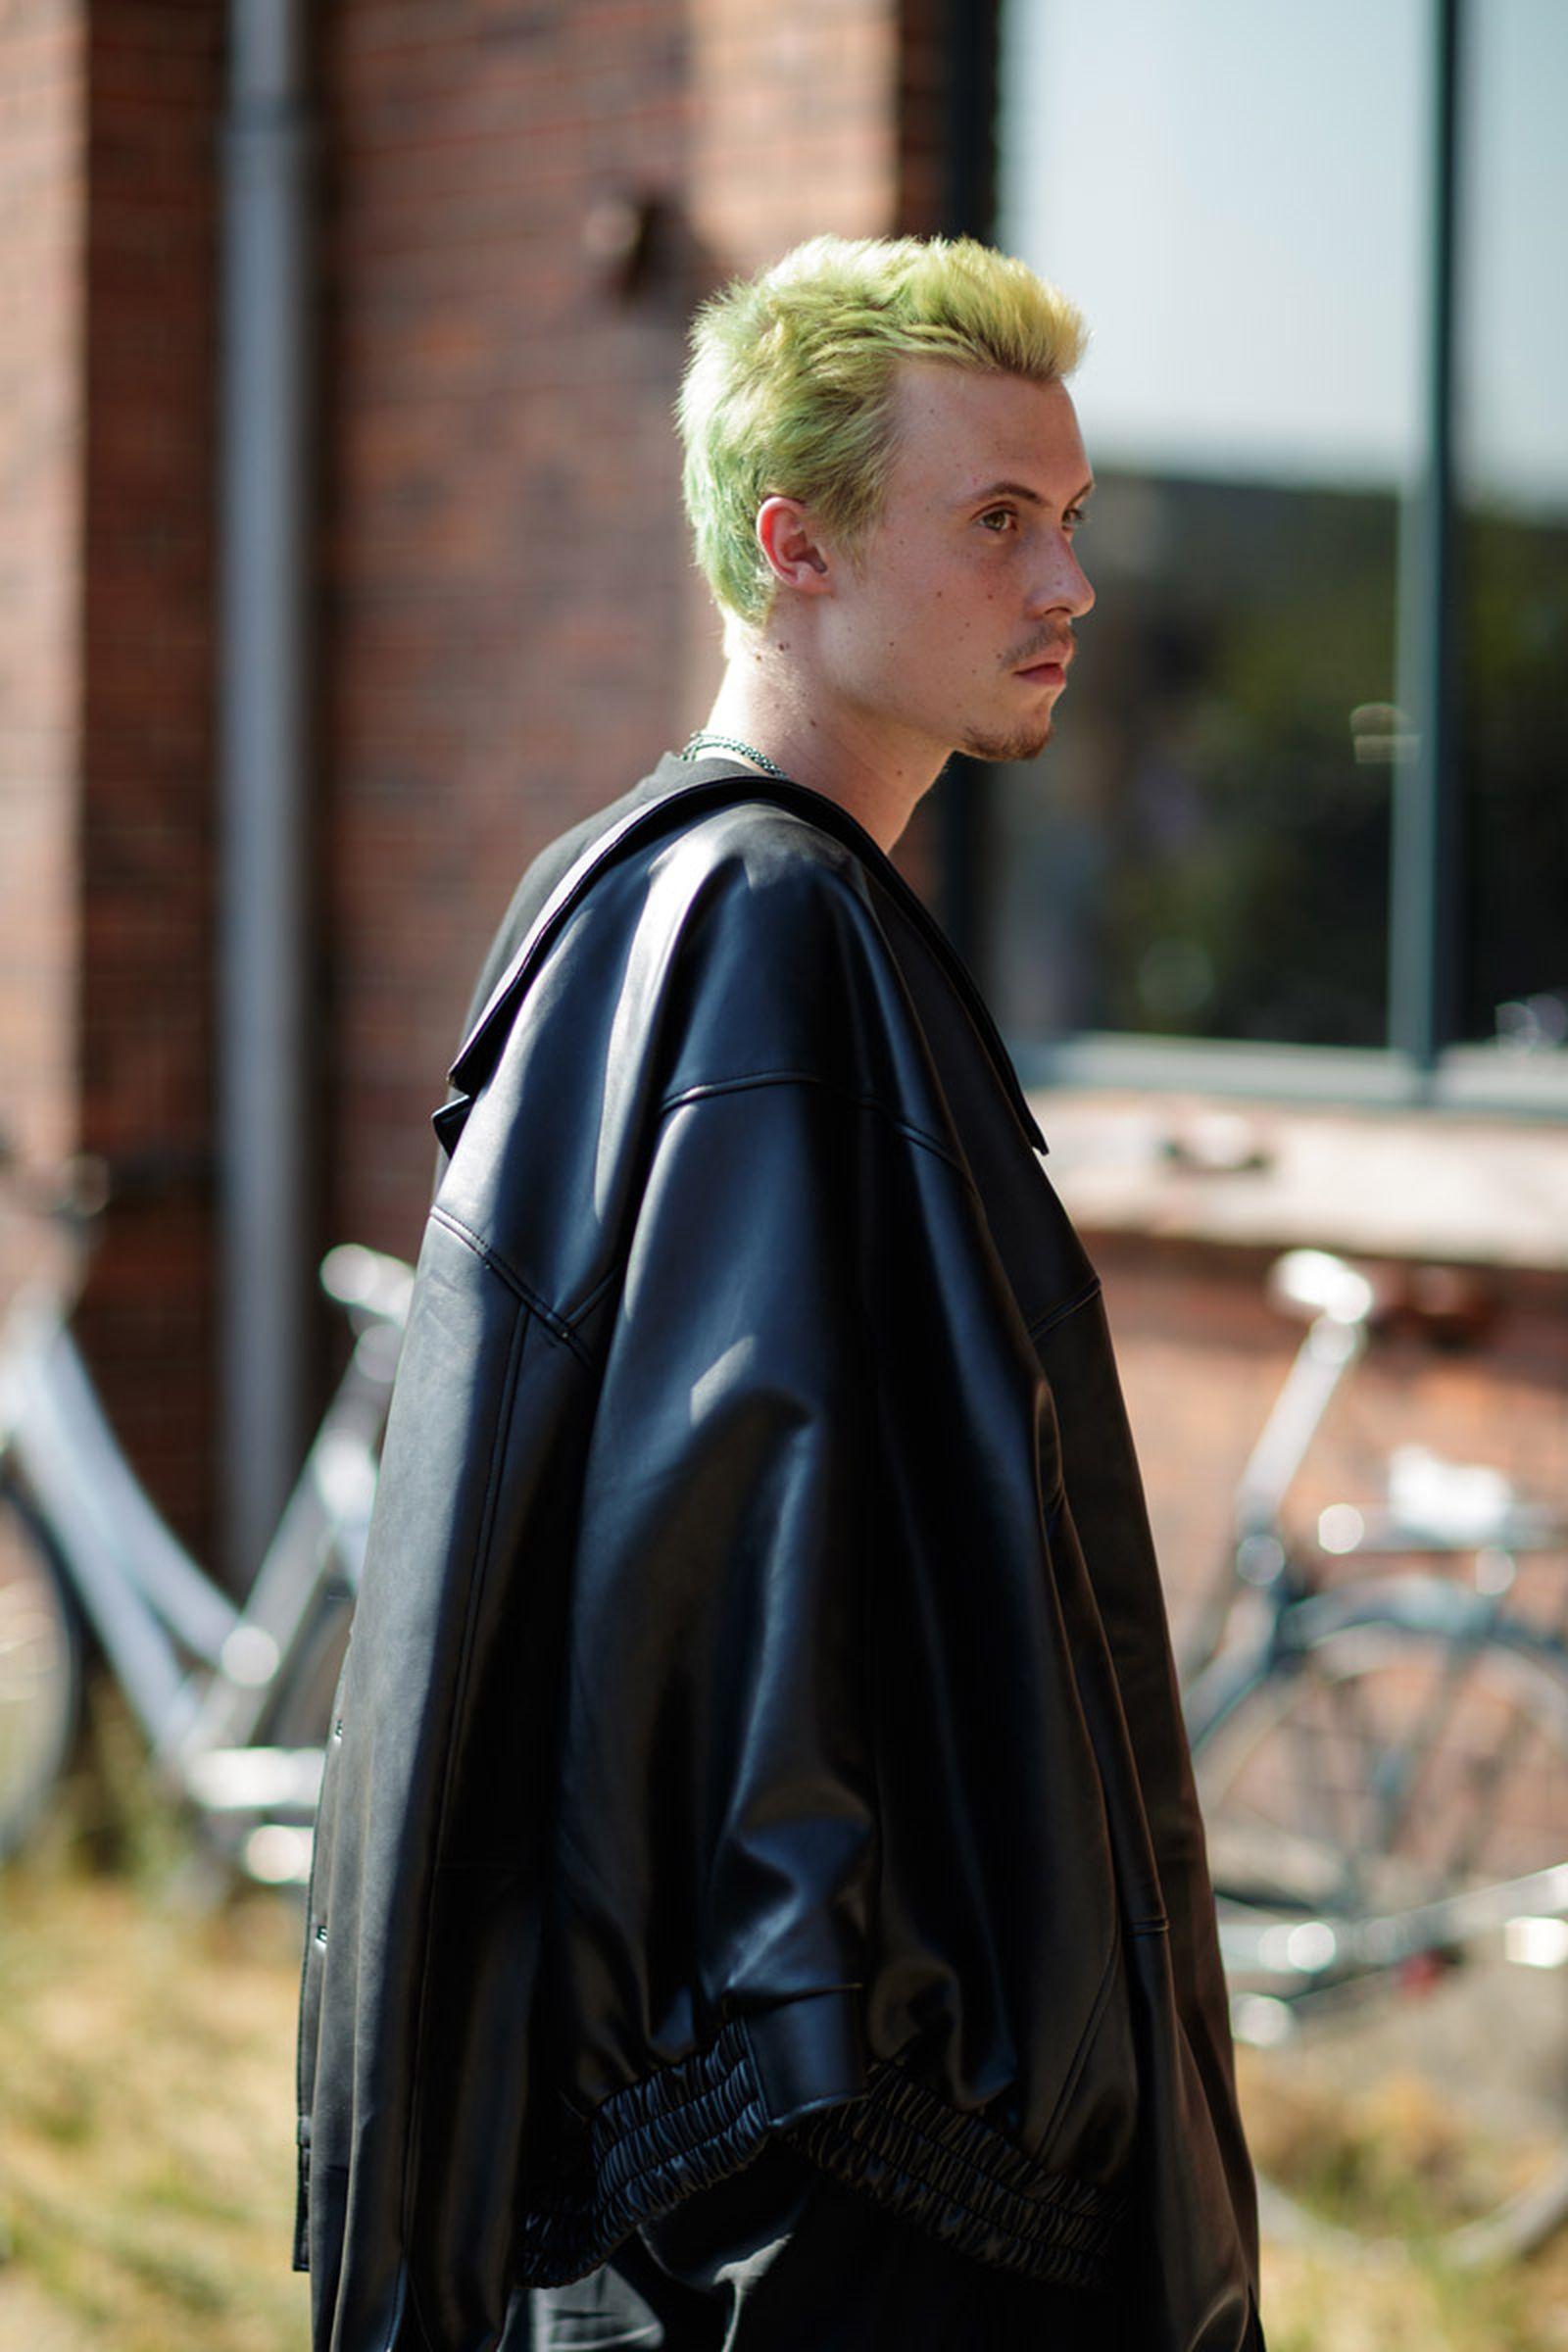 copenhagen ss19 2 Copenhagen Fashion Week